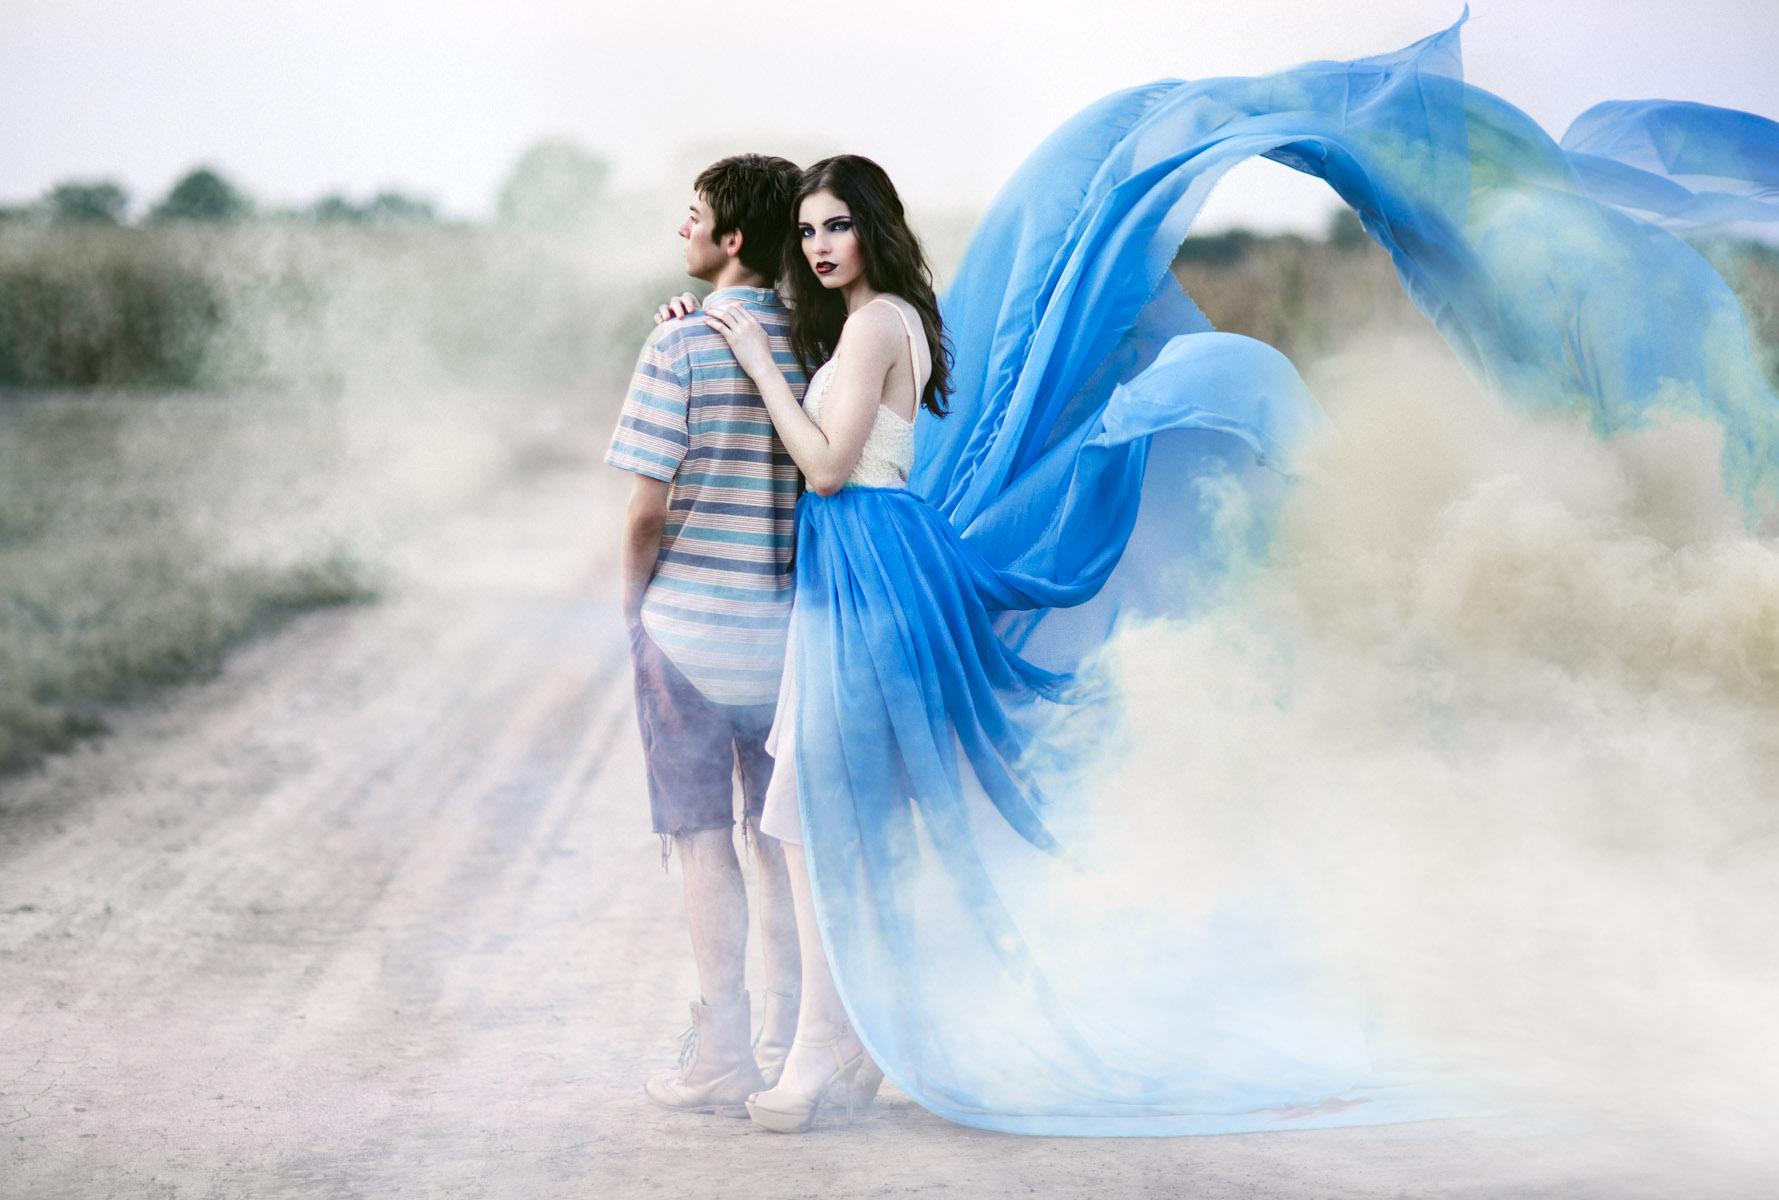 Boris_Zaretsky_Photography_B2C9351.jpg